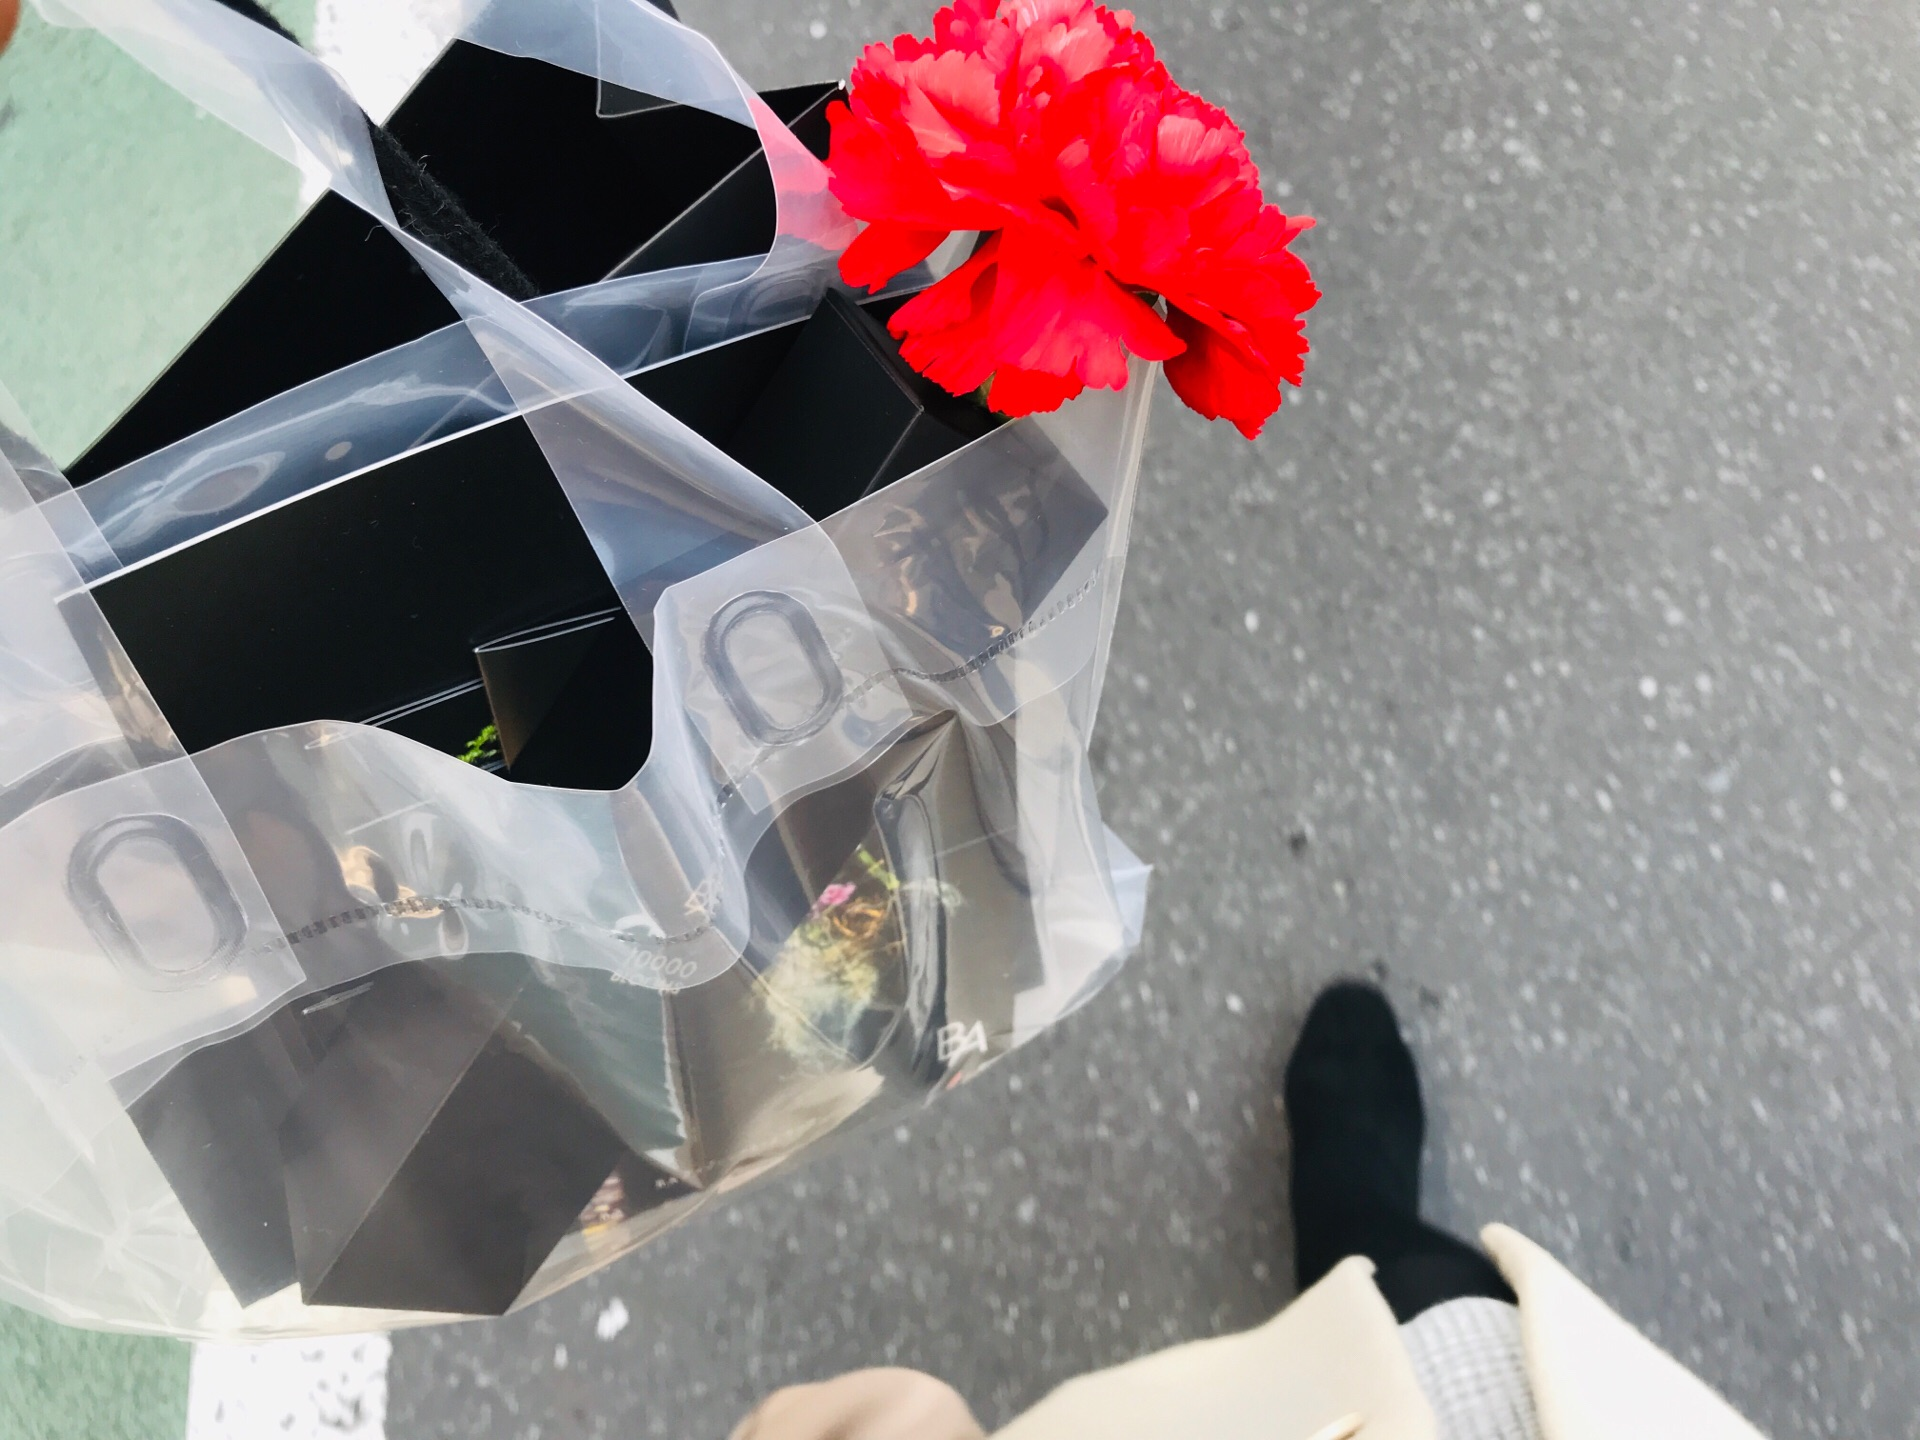 【POLA】1万輪のフラワーツリーがお出迎え!「B.A」体感イベントに行ってきました♡_10